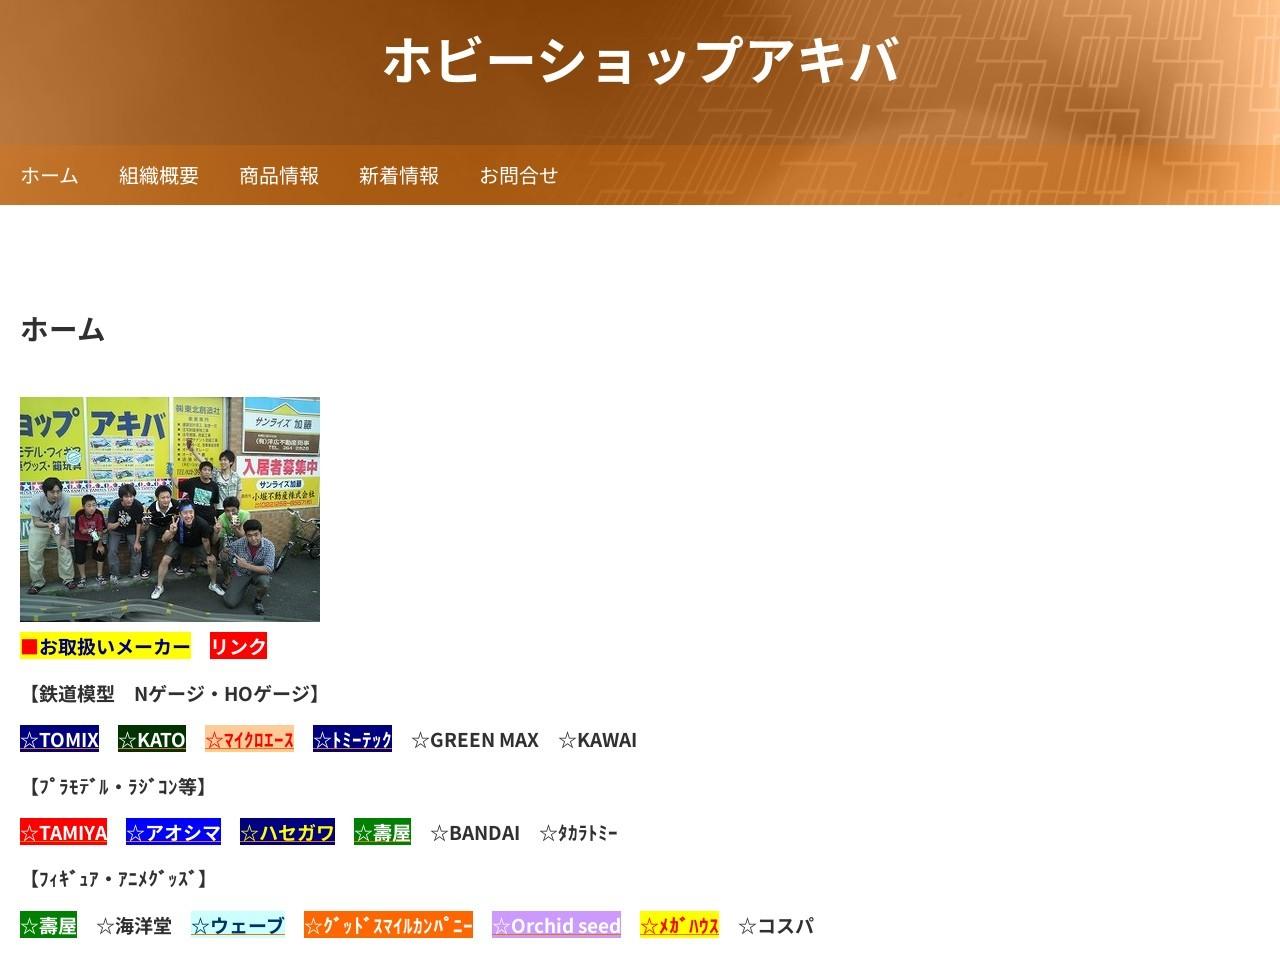 【ホビーショップアキバ】のホームページ